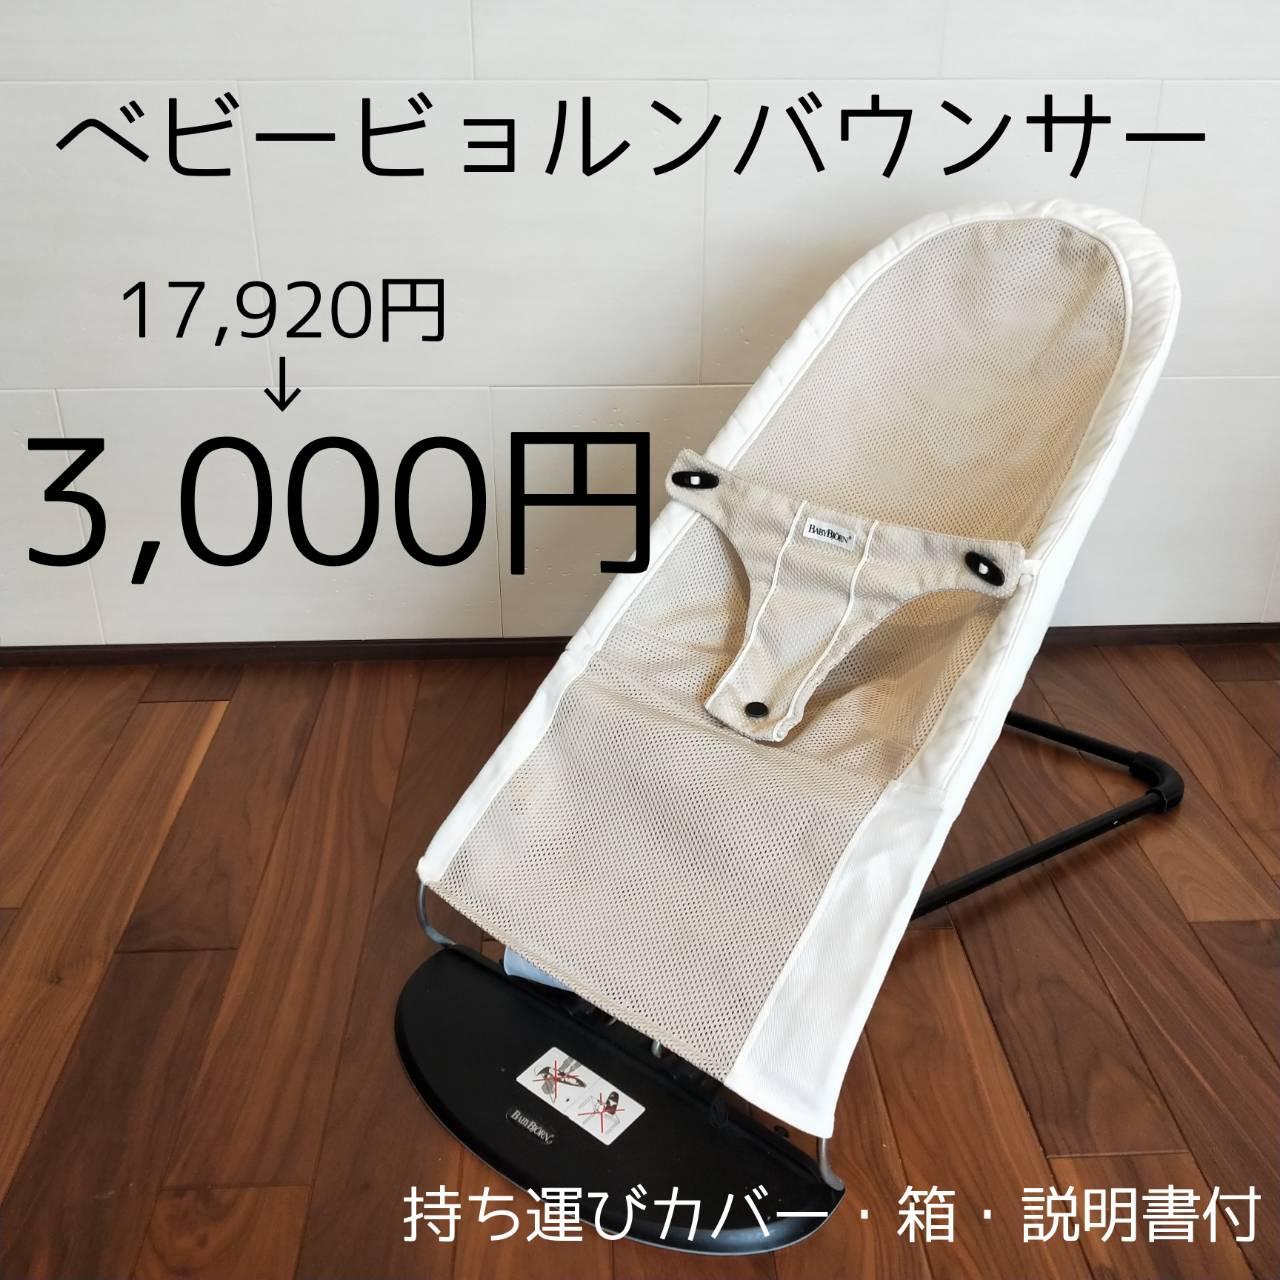 ⑦ベビービョルンバウンサー 3000円